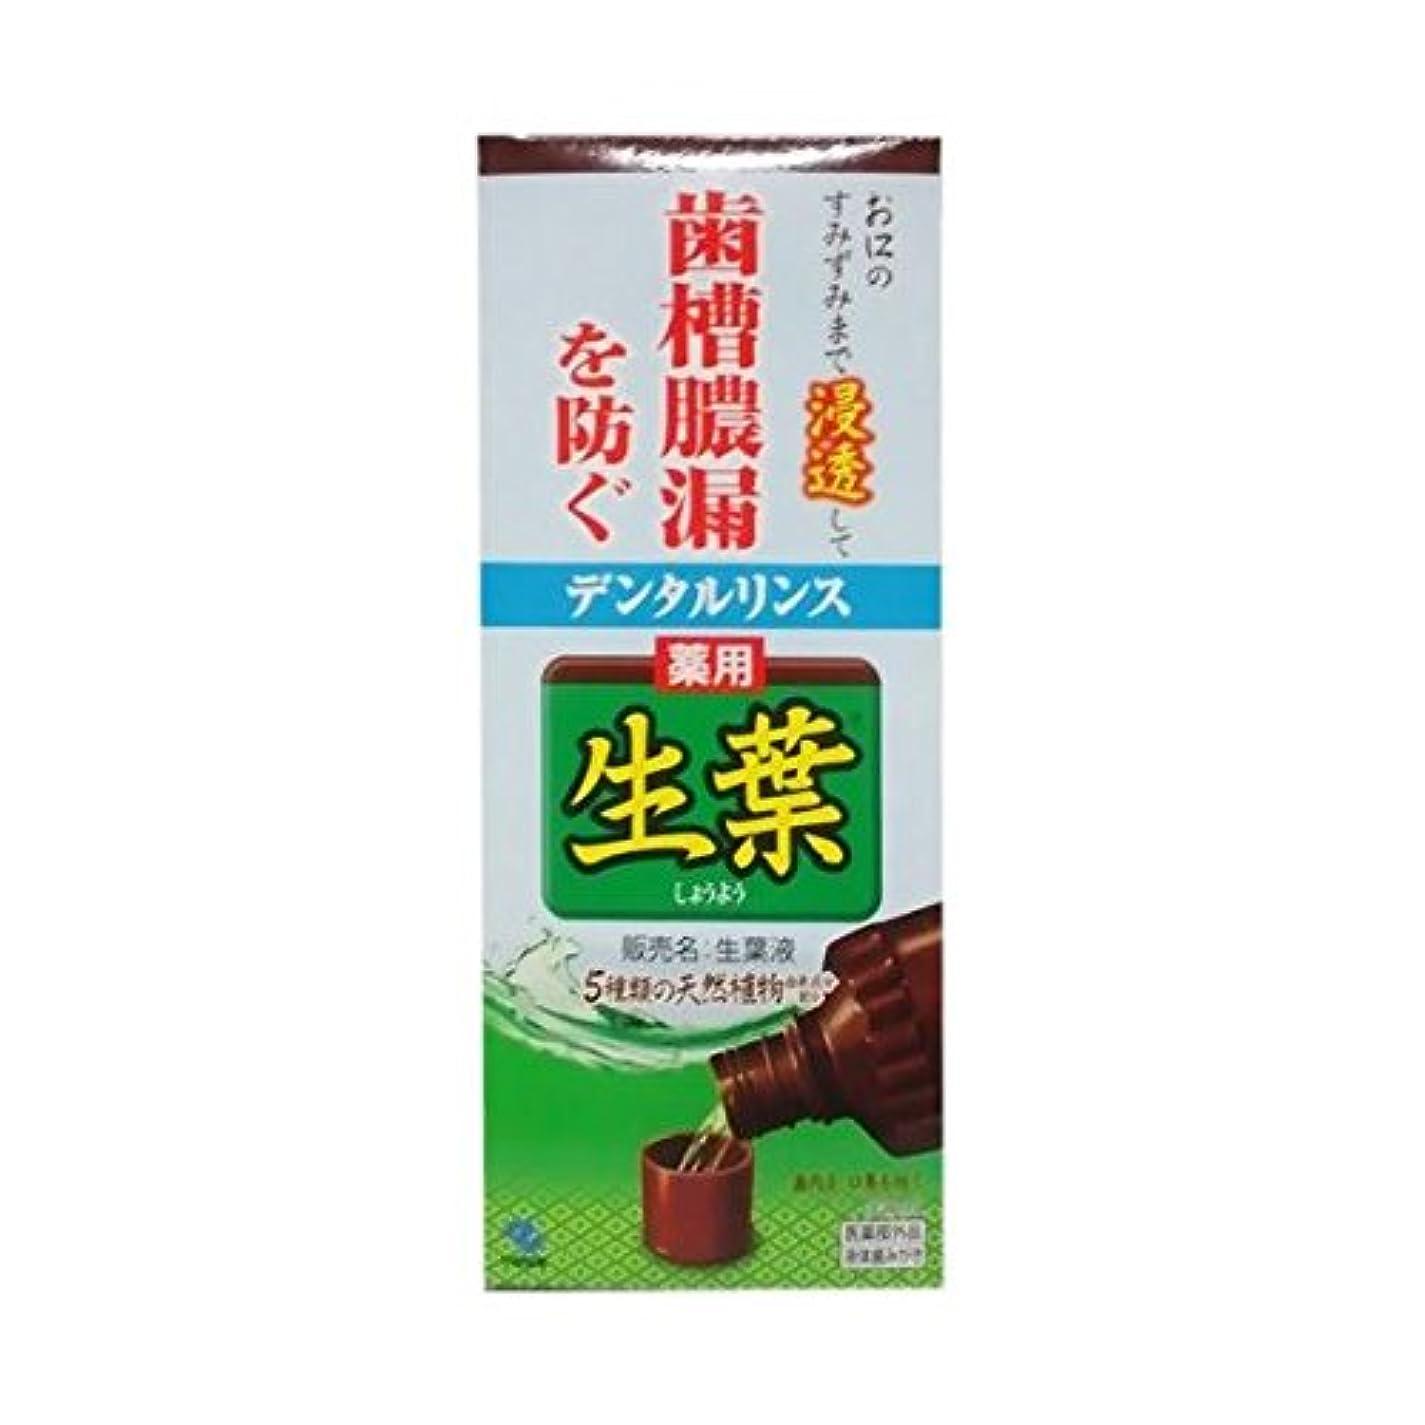 論争的流ケント【お徳用 3 セット】 薬用 生葉液 330ml×3セット